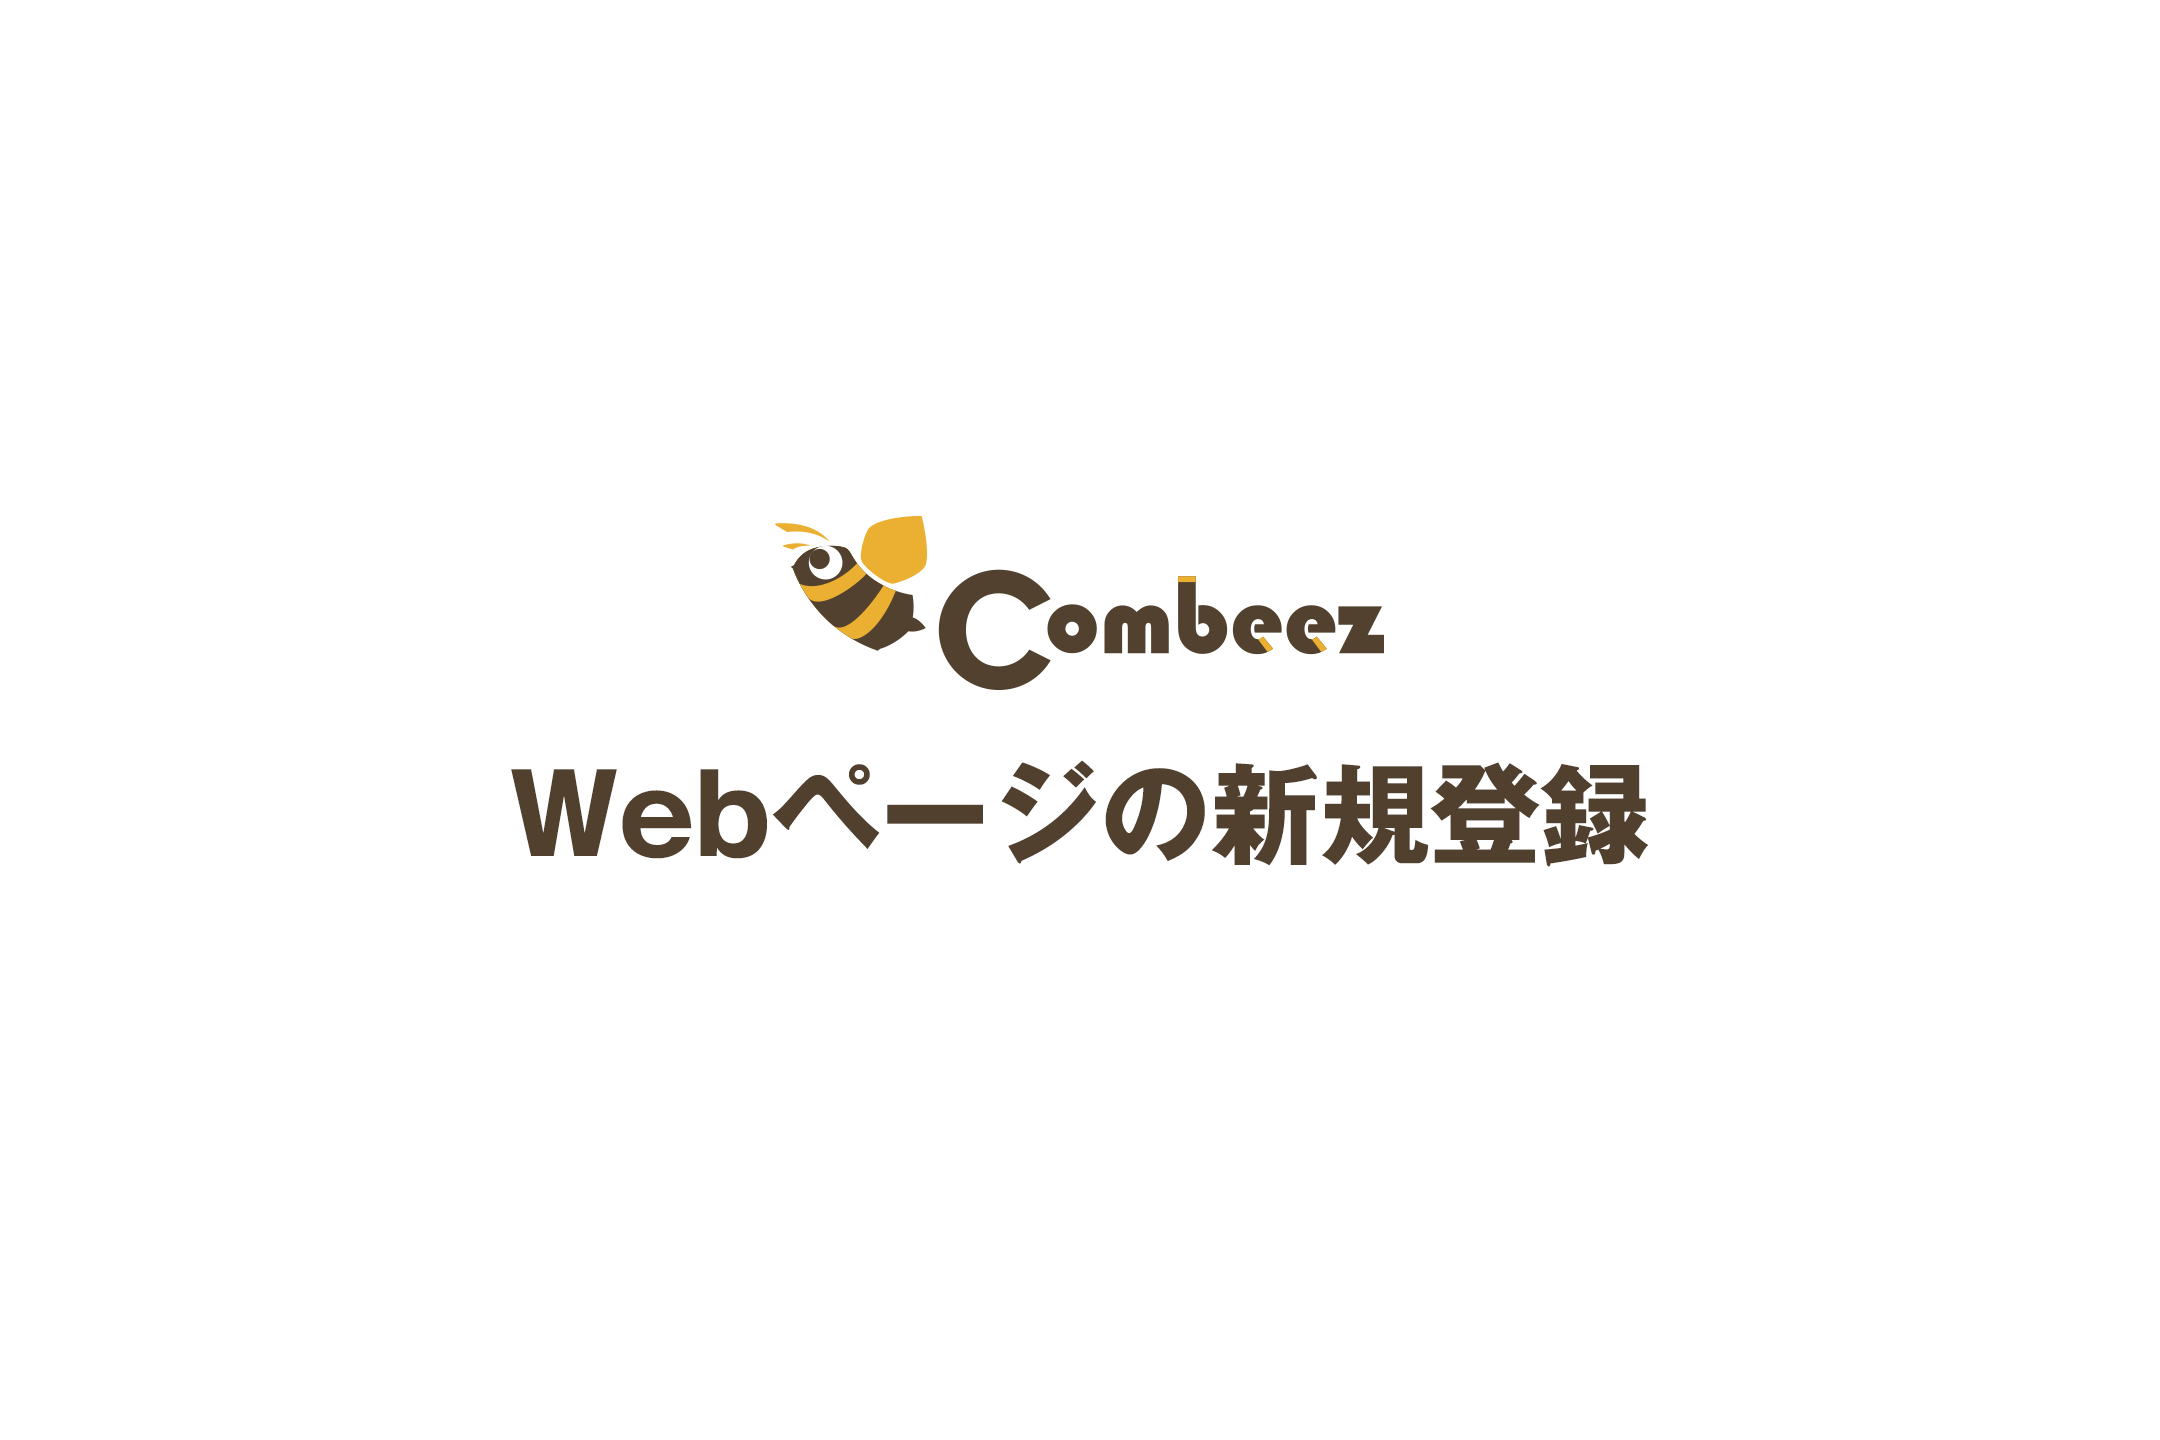 Webページの新規登録